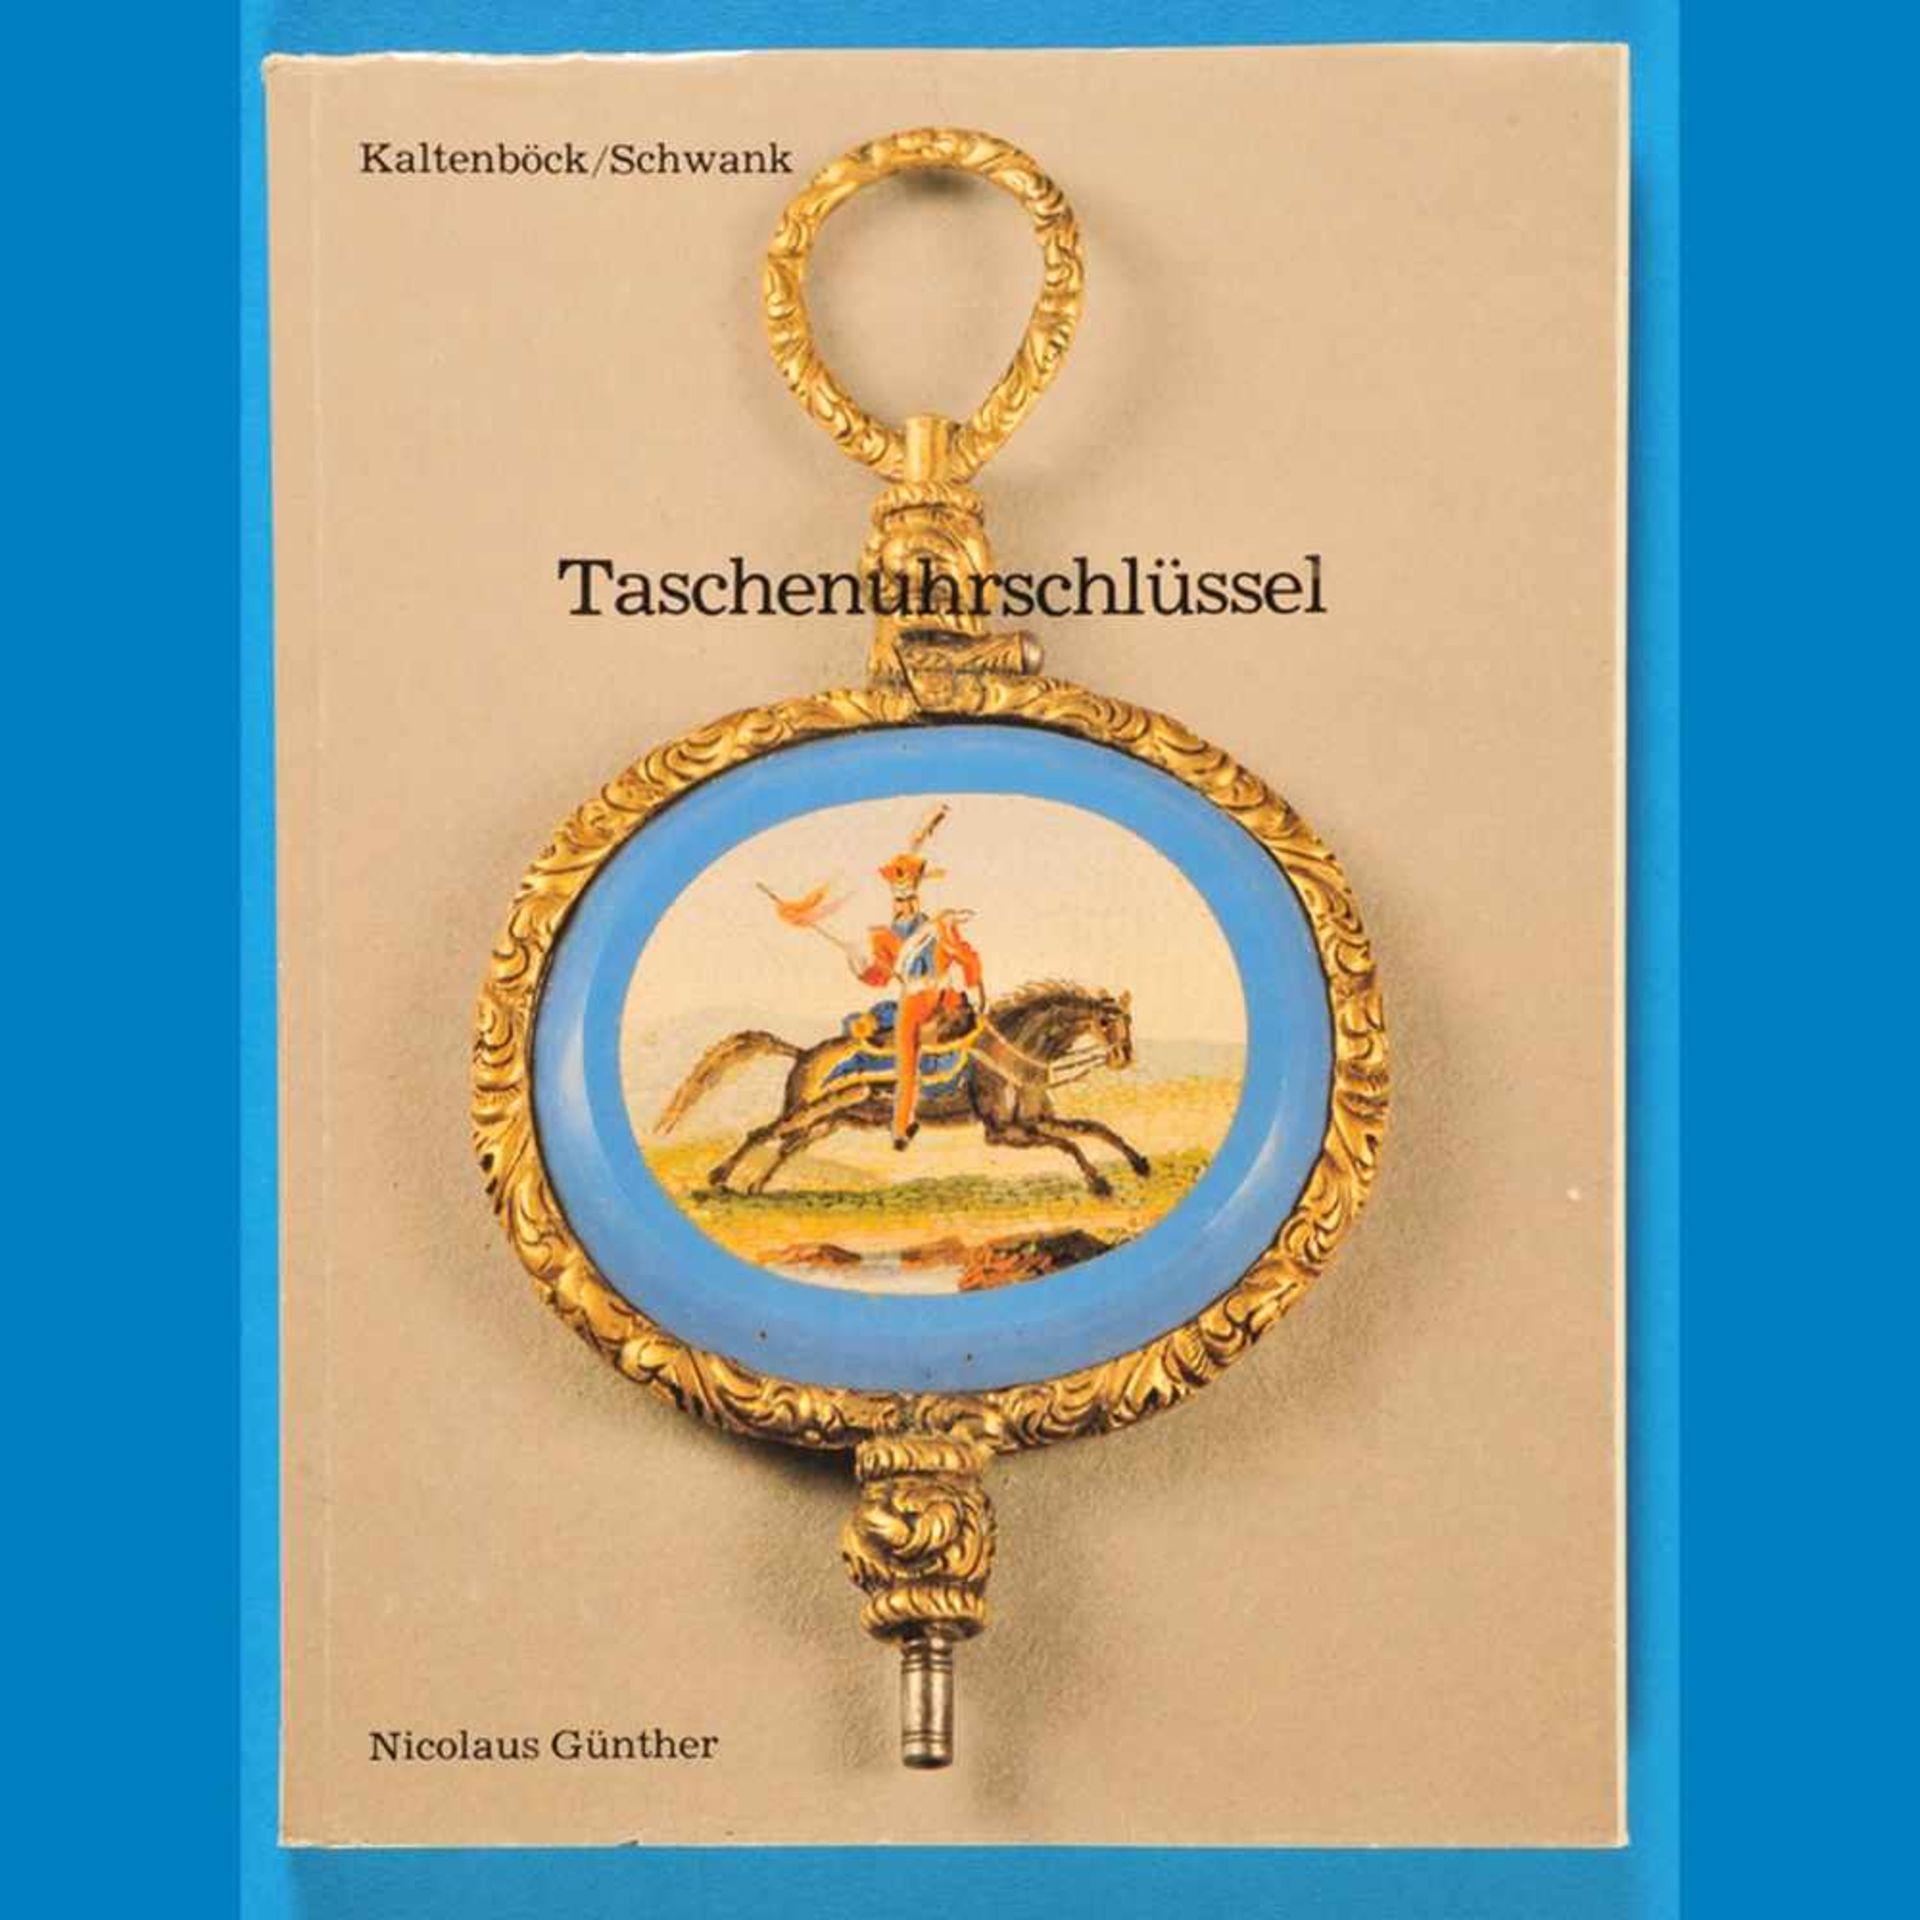 Kaltenböck/Schwank, Taschenuhrschlüssel - Geschichte und Entwicklung der Taschenuhrschlüssel über